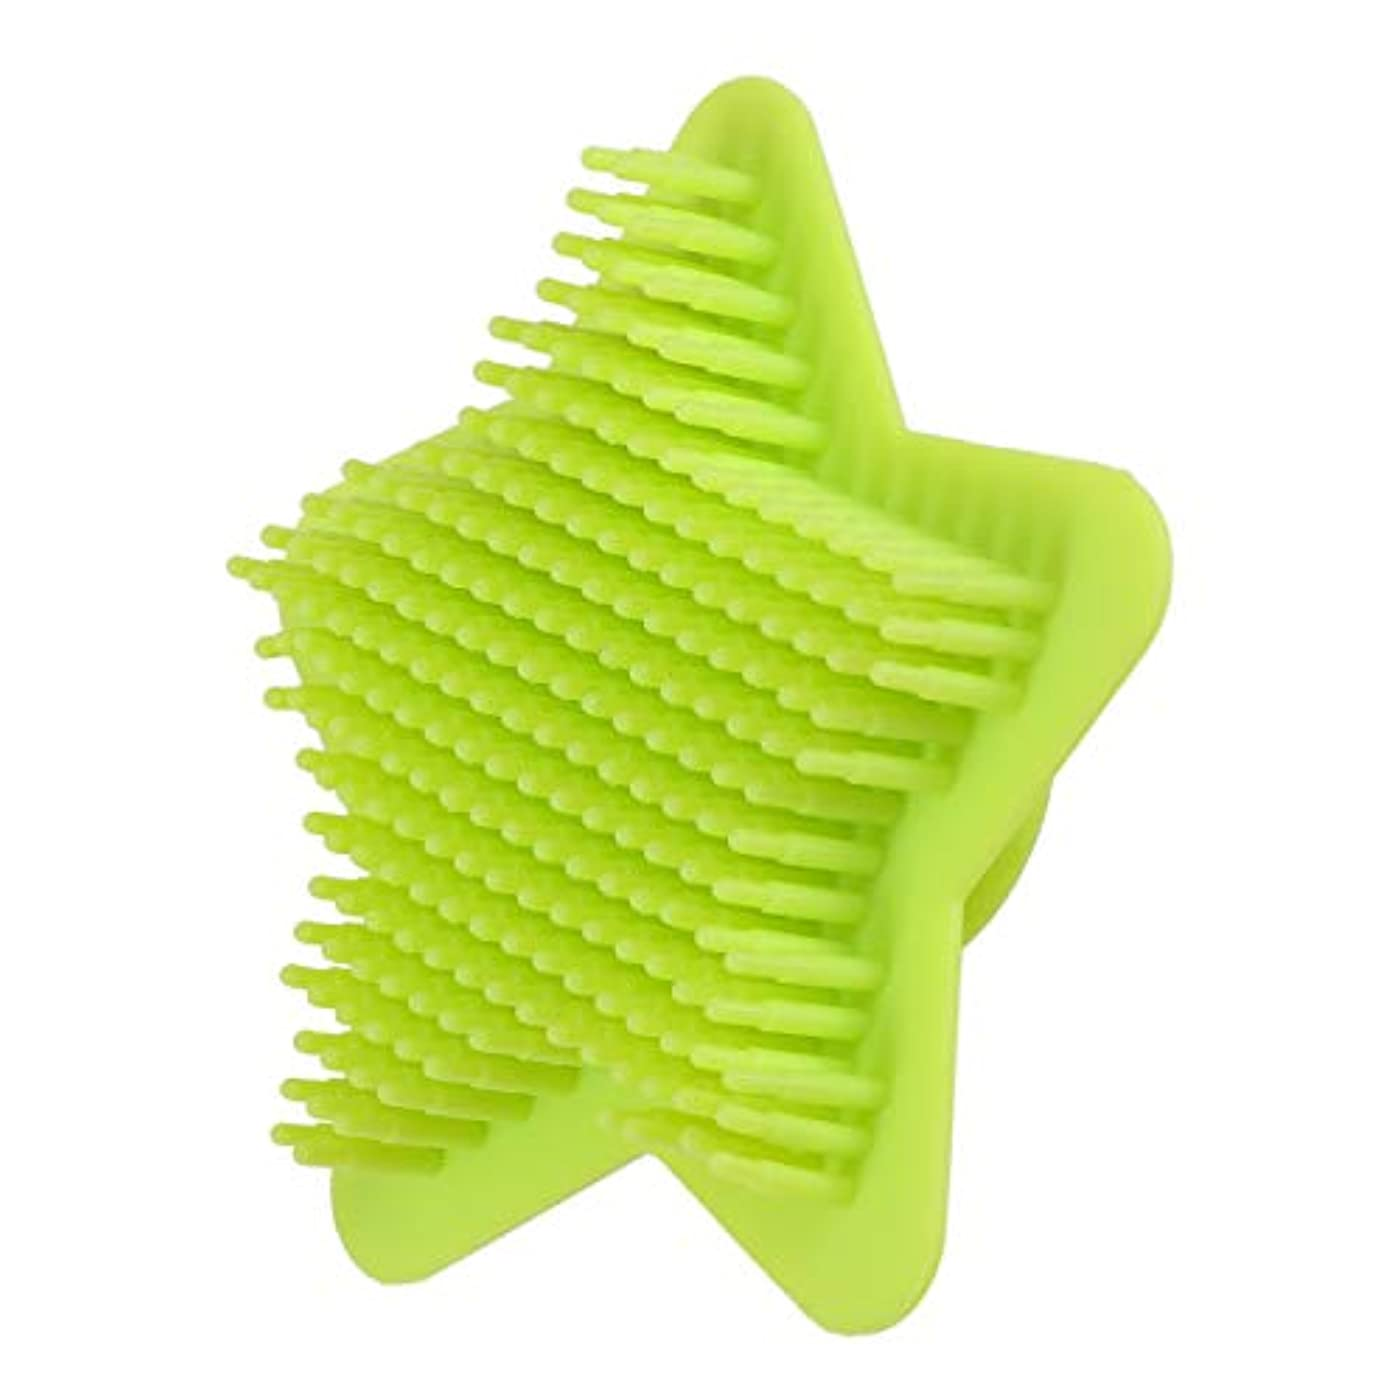 保持するペインティング配列Healifty ヘアシャンプーブラシ頭皮シャワースクラバーマッサージブラシバスブラシソフトボディマッサージャー洗浄コームボディシャワーバスブラシ(グリーン)